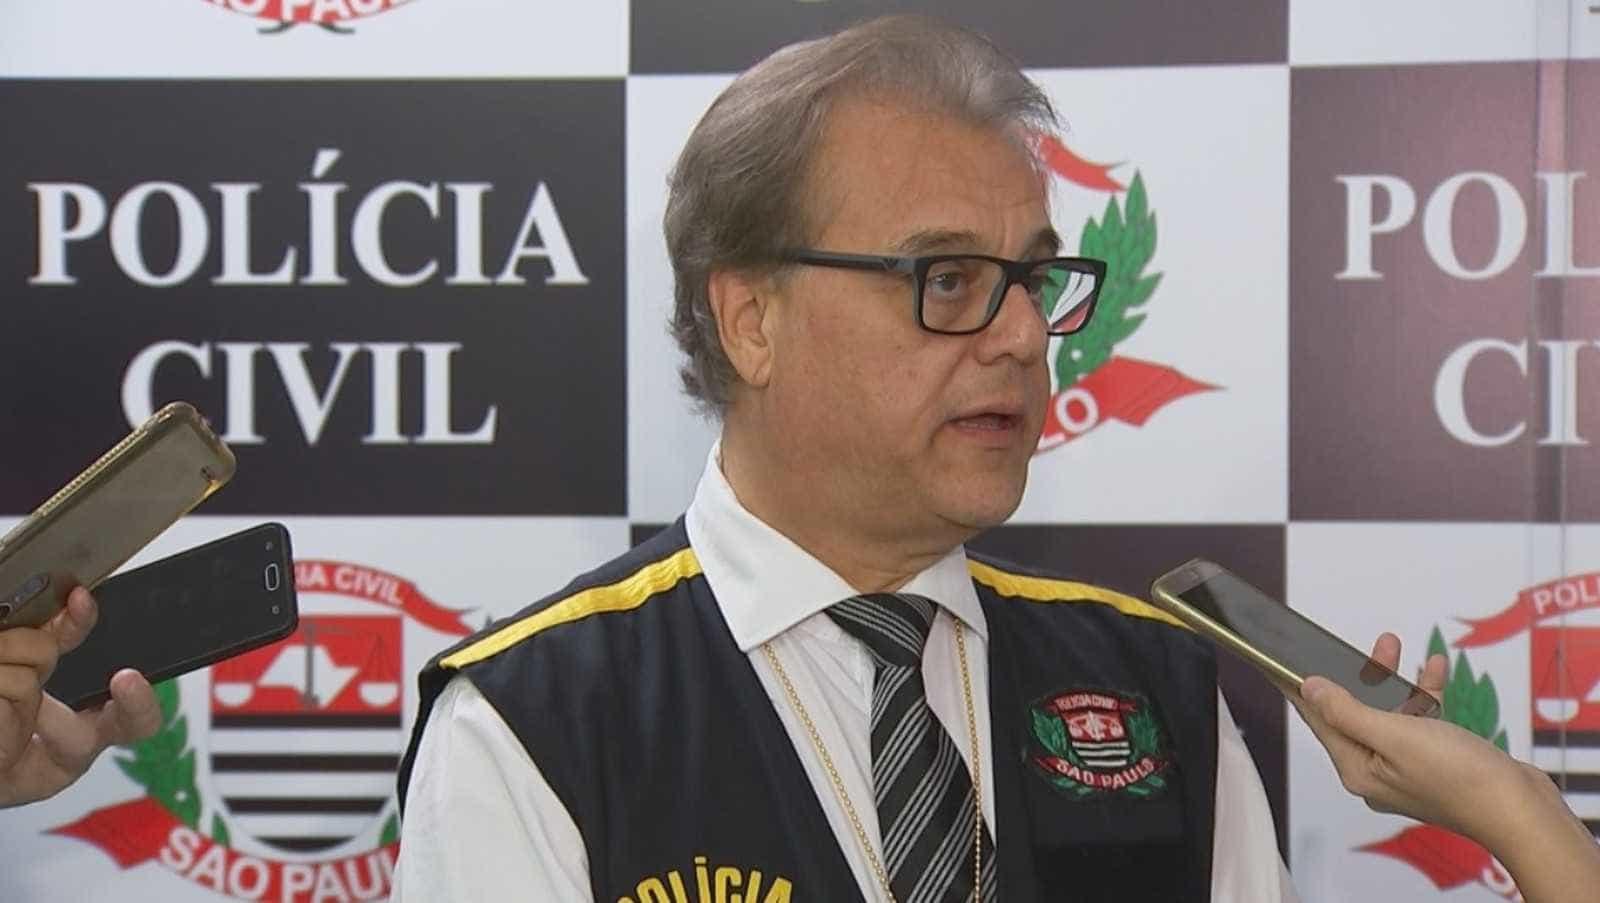 Delegado é acusado de assédio sexual e moral por policial em SP